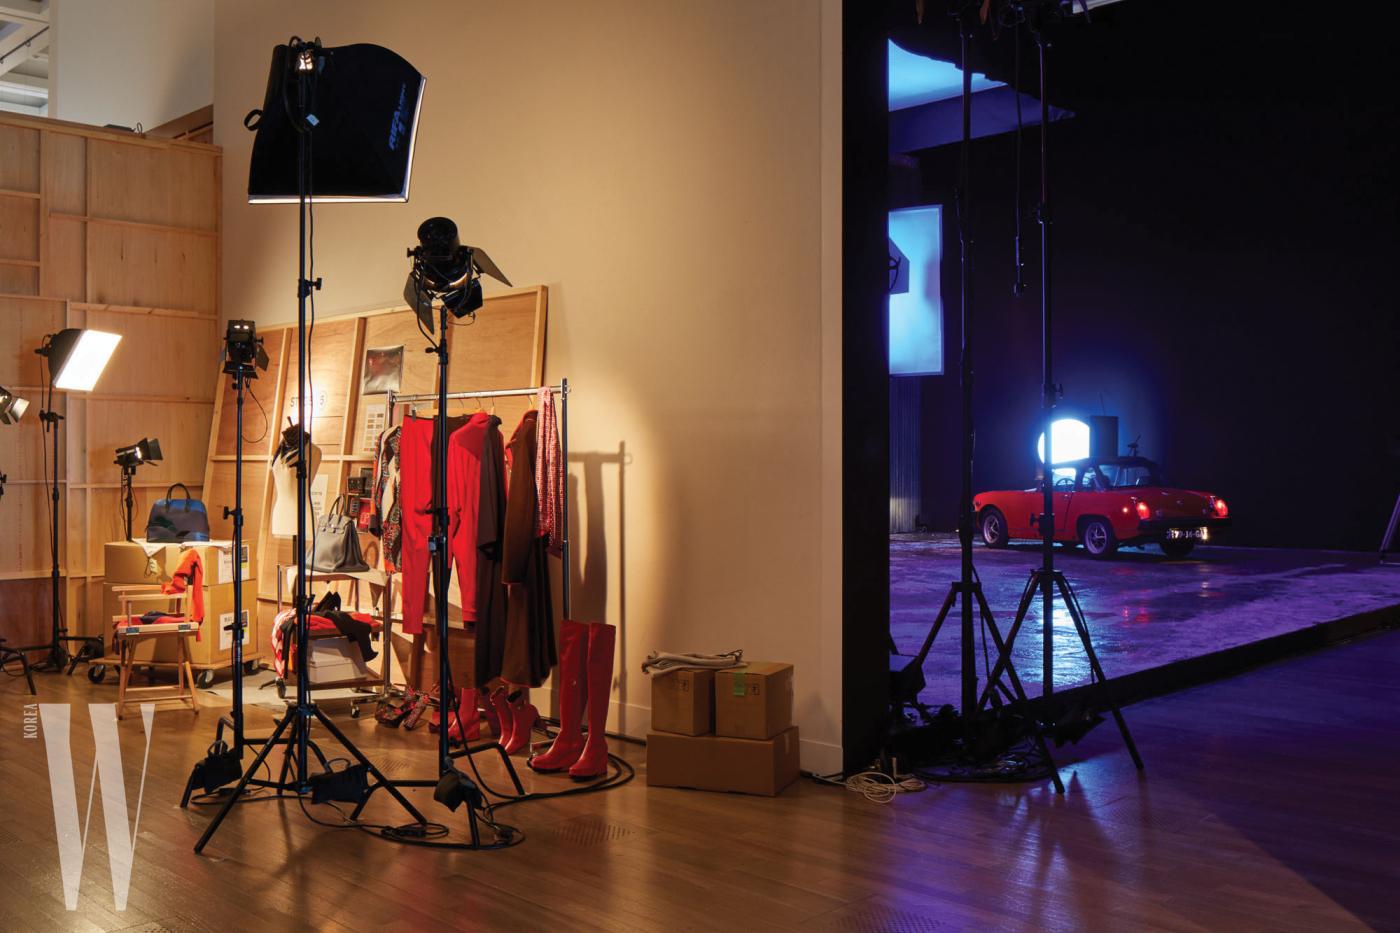 신비로운 여인의 자취를 좇는 한 작가의 스토리를 독창적으로 담은 에르메스 극장의 스테이지5 - 연인의 회상을 다룬 공간. 에르메스의 F/W 시즌 여성 컬렉션으로 구성된 촬영장 백스테이지와 자동차가 놓인 세트장으로 구성되었다